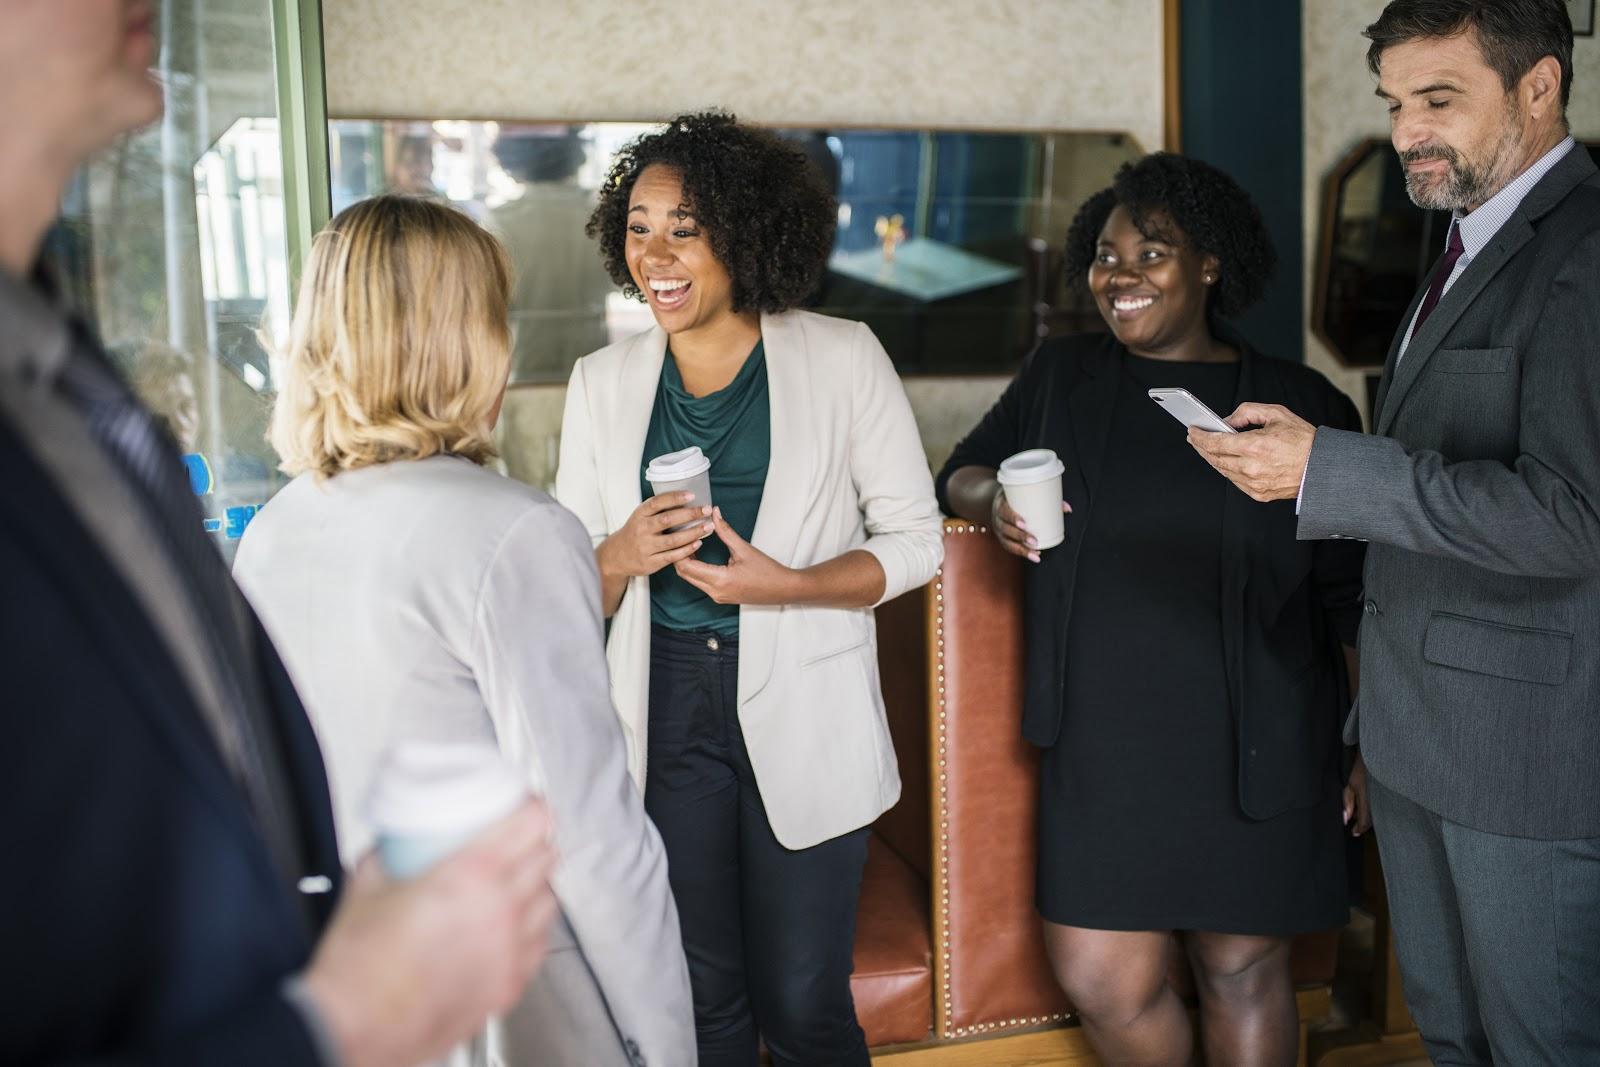 Quatro pessoas conversando descontraídas no ambiente de trabalho.